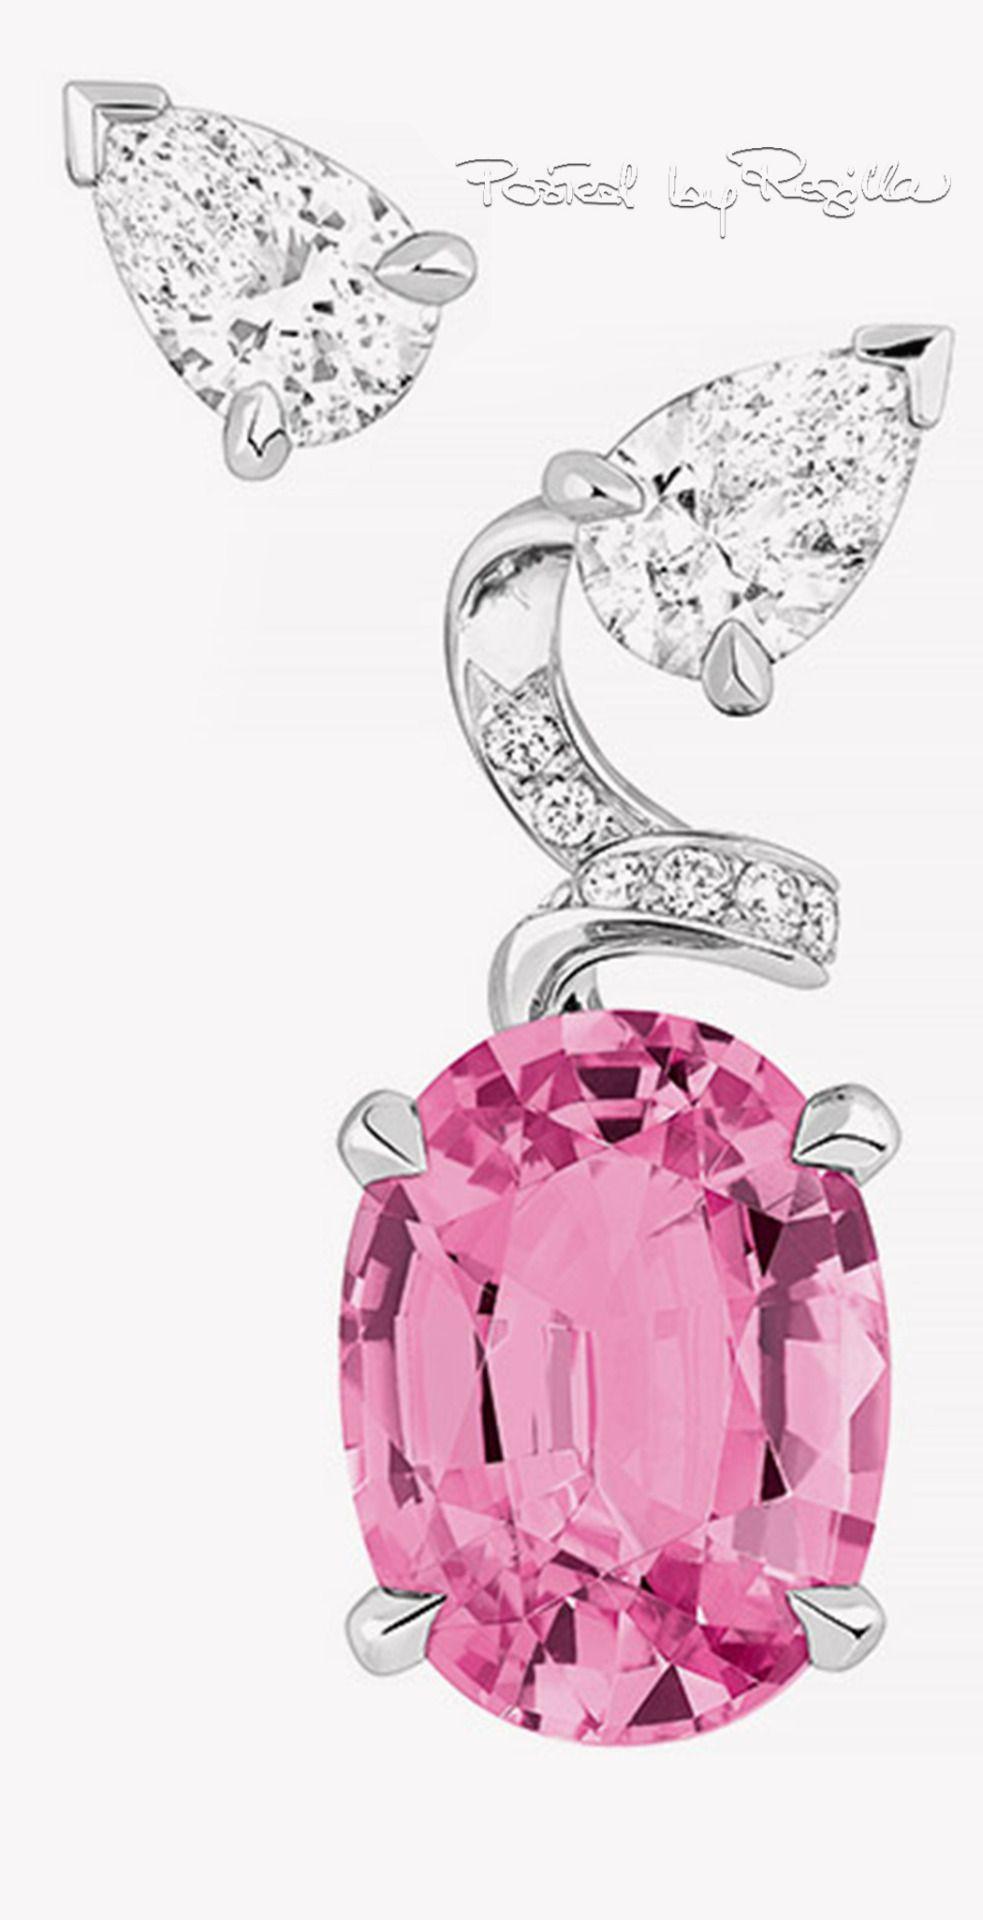 2ec913c5607 Regilla ⚜ Victoire de Castellane for Dior